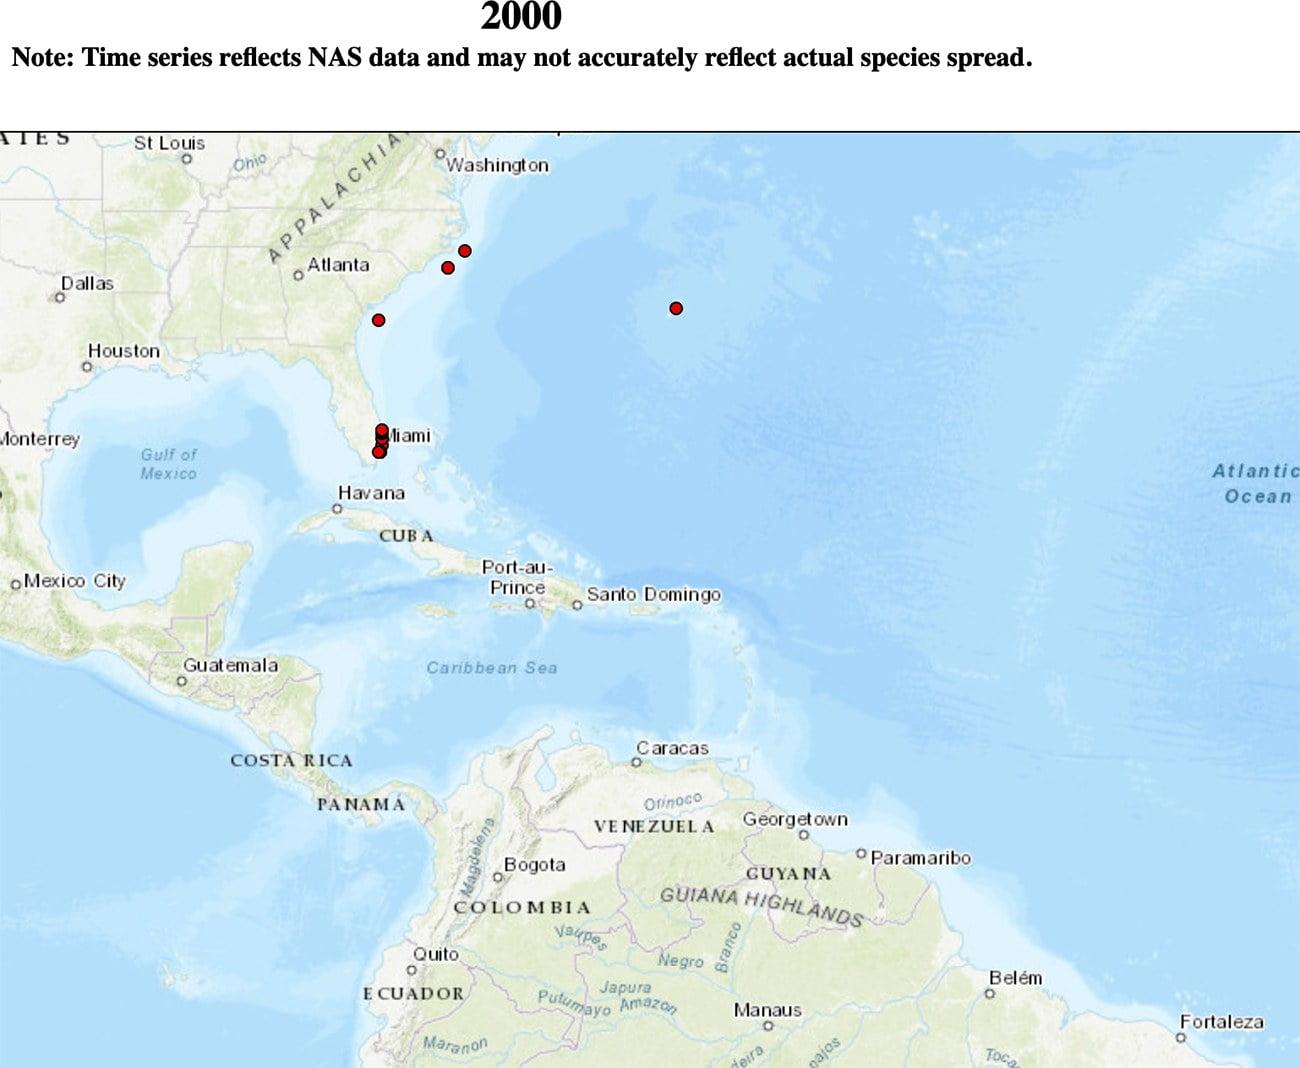 mapa mostra dispersão do peixe-leão no Caribe no ano 2000.